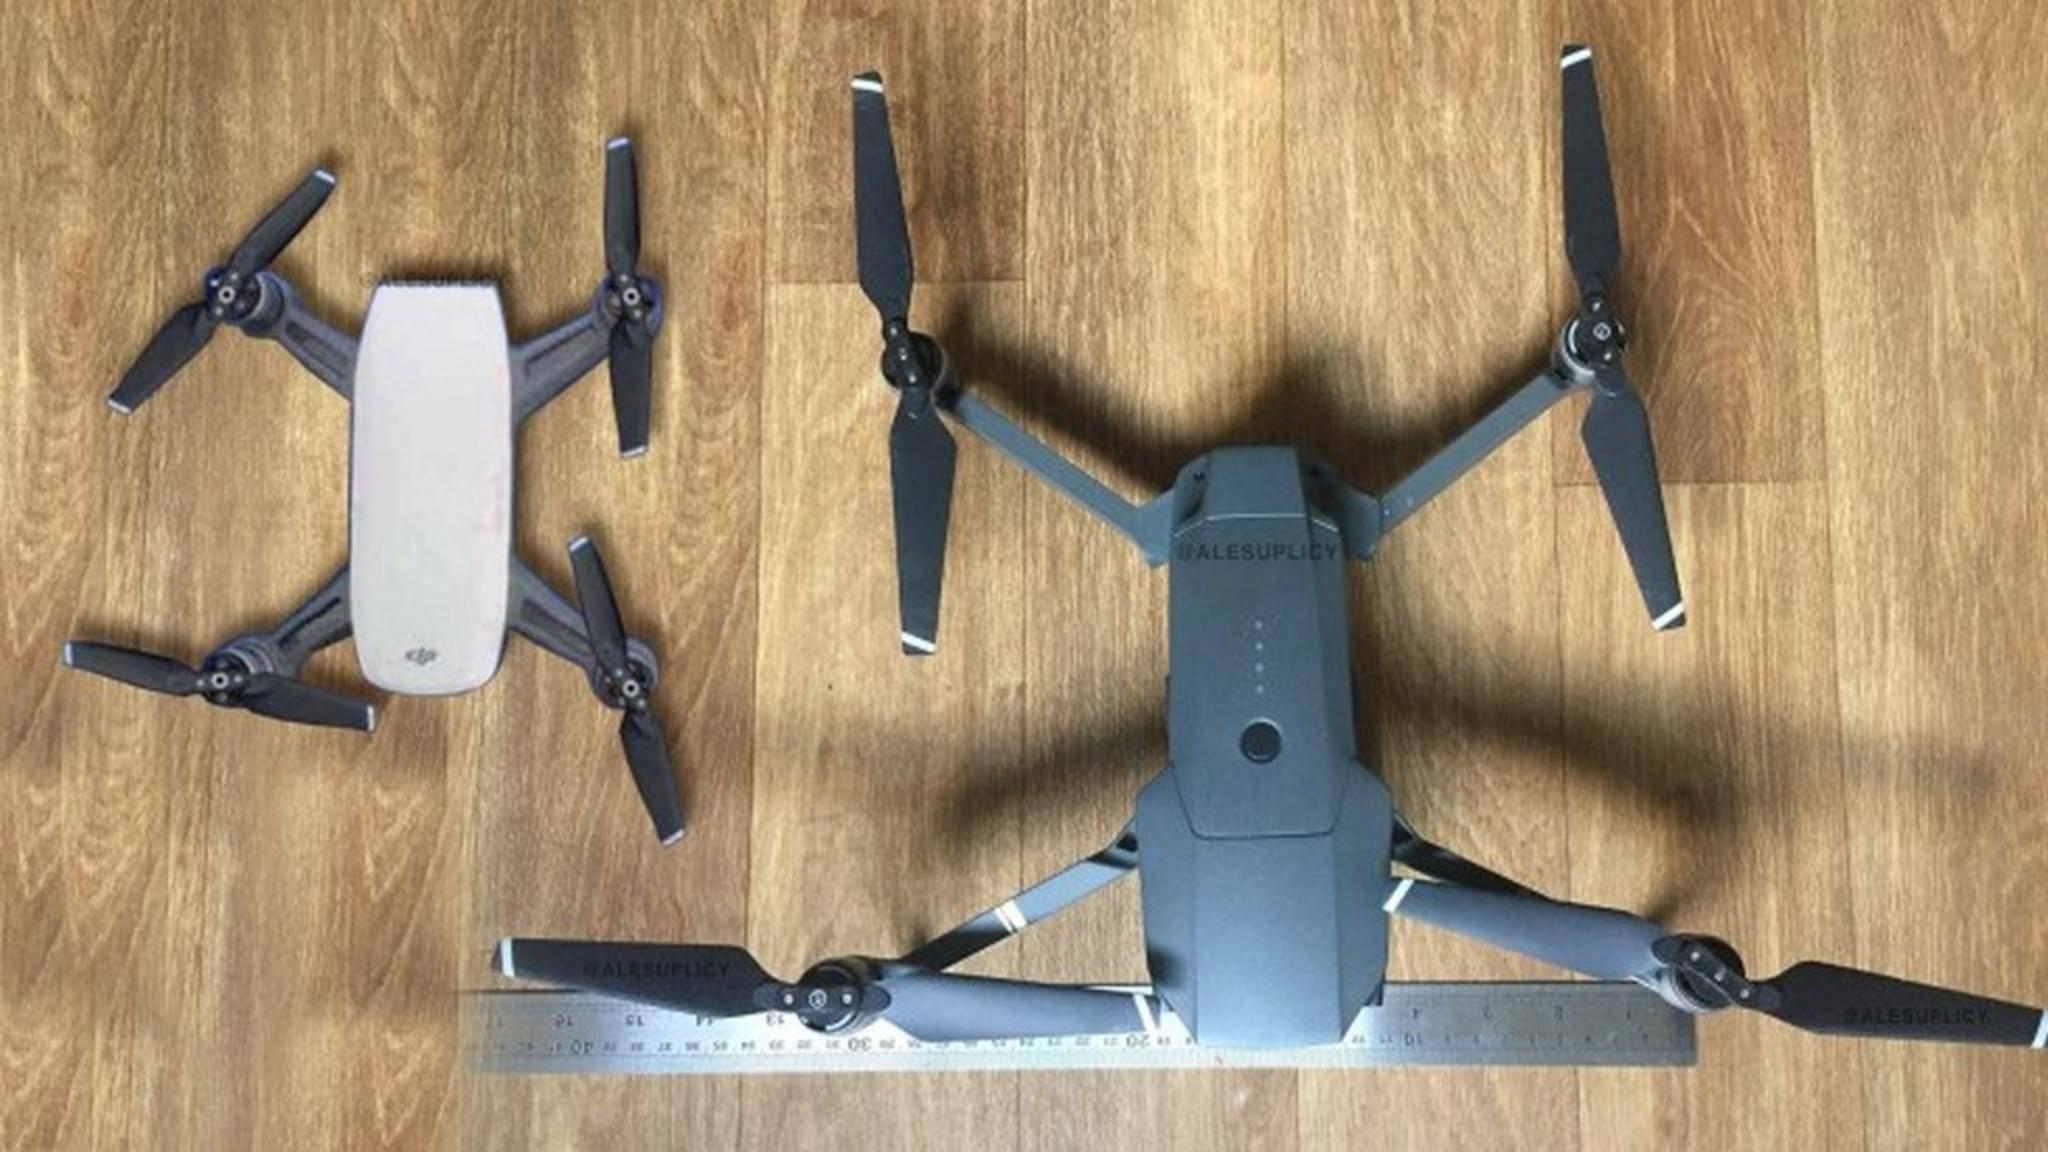 Die DJI Spark-Drohne (links) ist noch kleiner als die Mavic Pro (rechts).